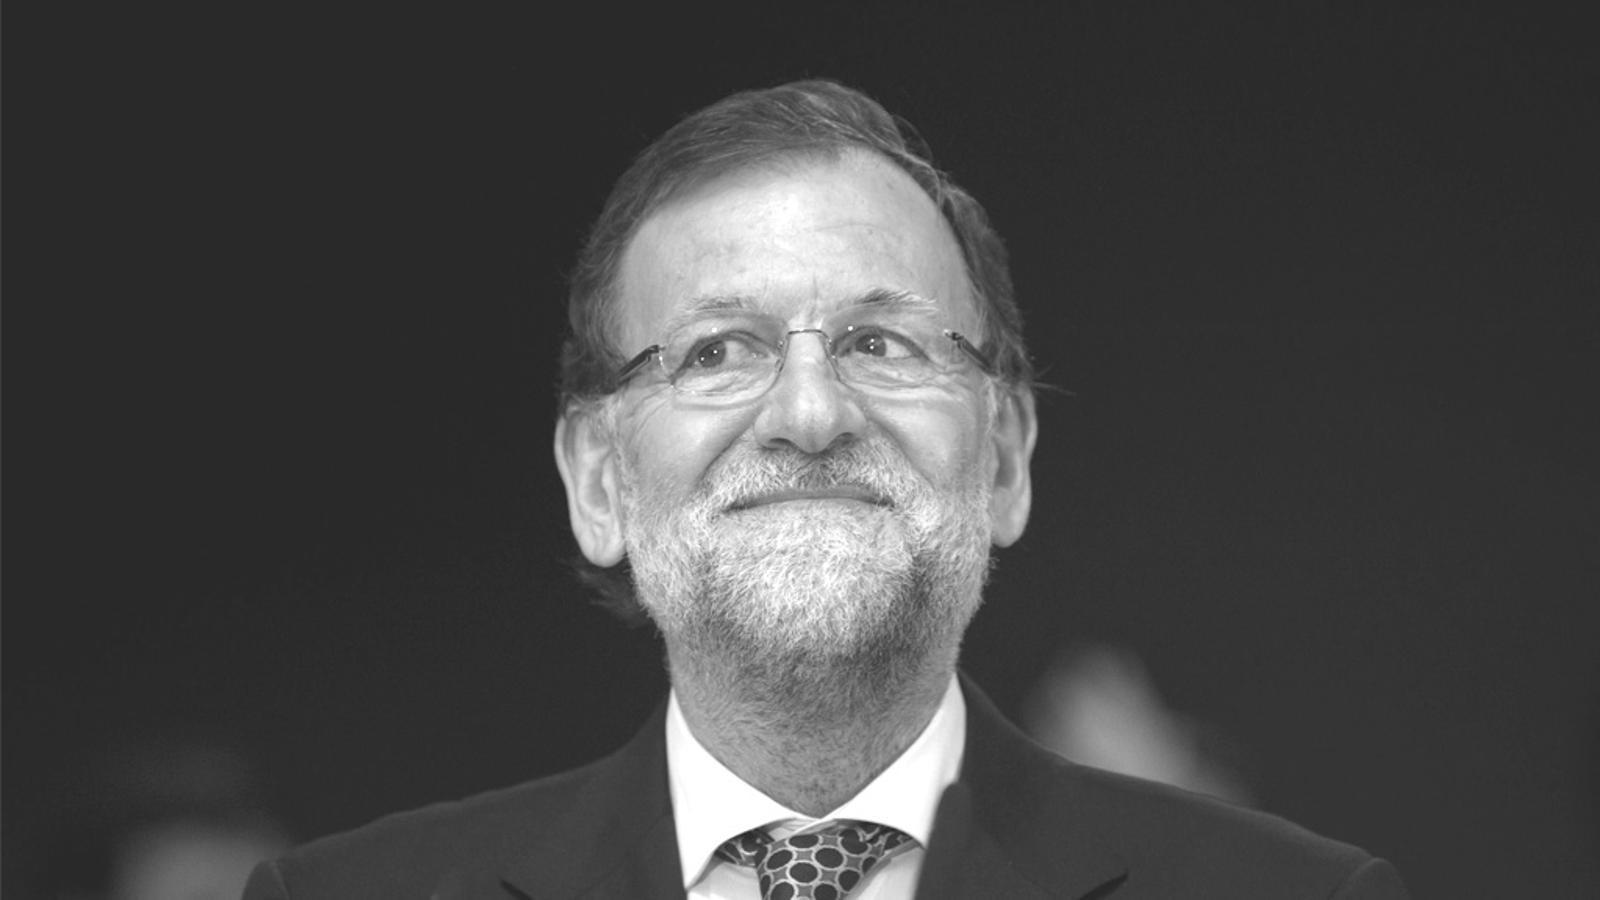 L'editorial d'Antoni Bassas: 'I l'europea?' Amoïnats amb Rajoy (02/10/2015)